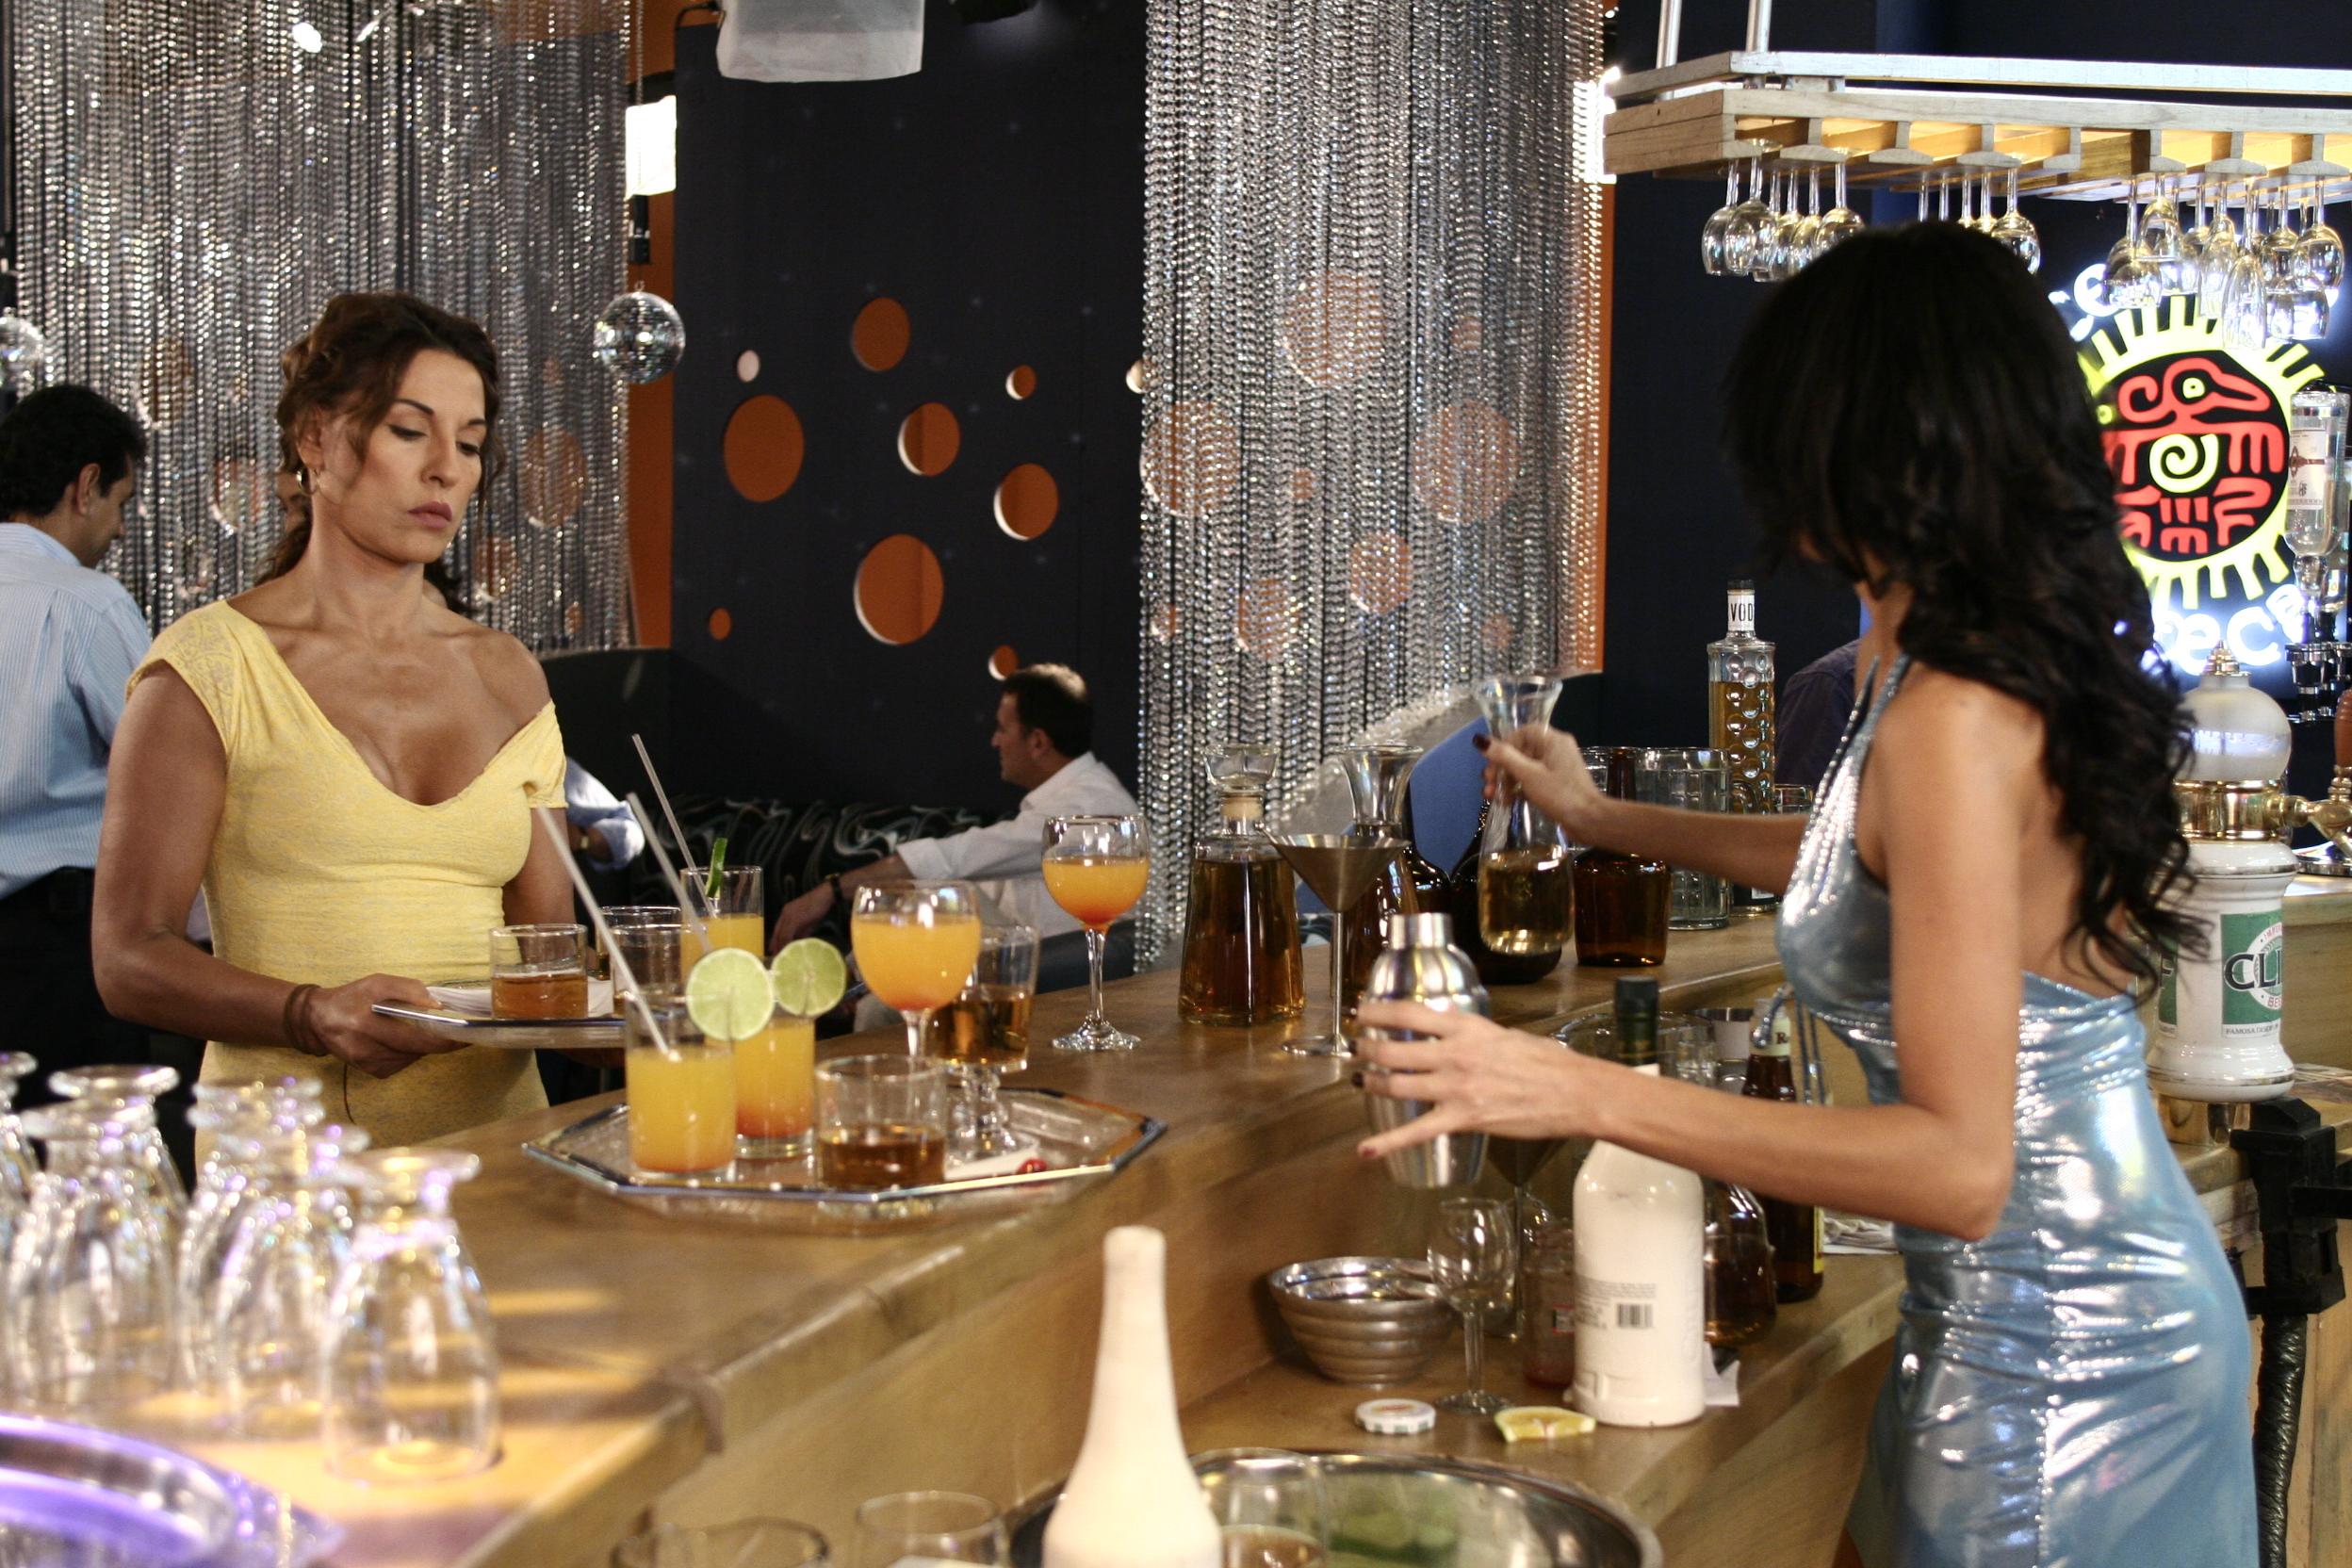 La protagonista en el bar-Estudio